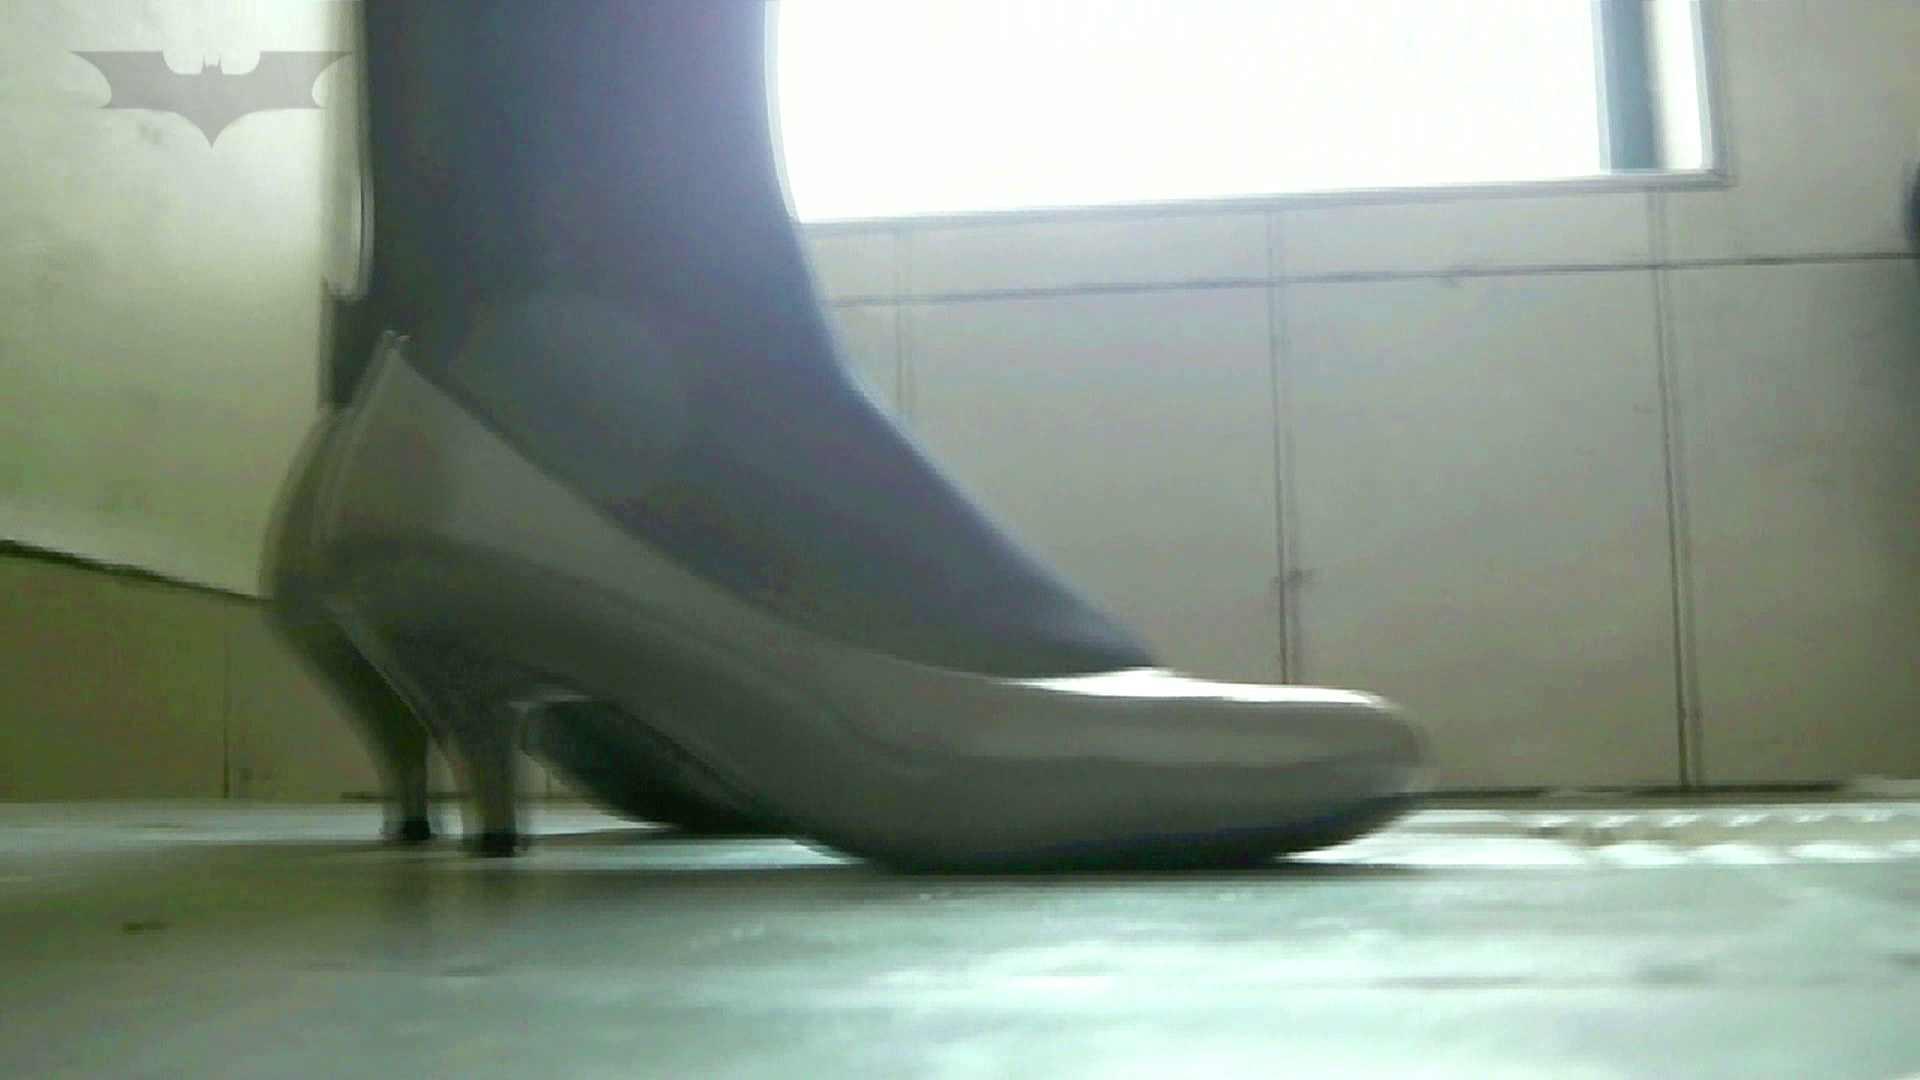 ステーション編 vol.29 頭二つ飛び出る180cm長身モデル 洗面所 スケベ動画紹介 67画像 49